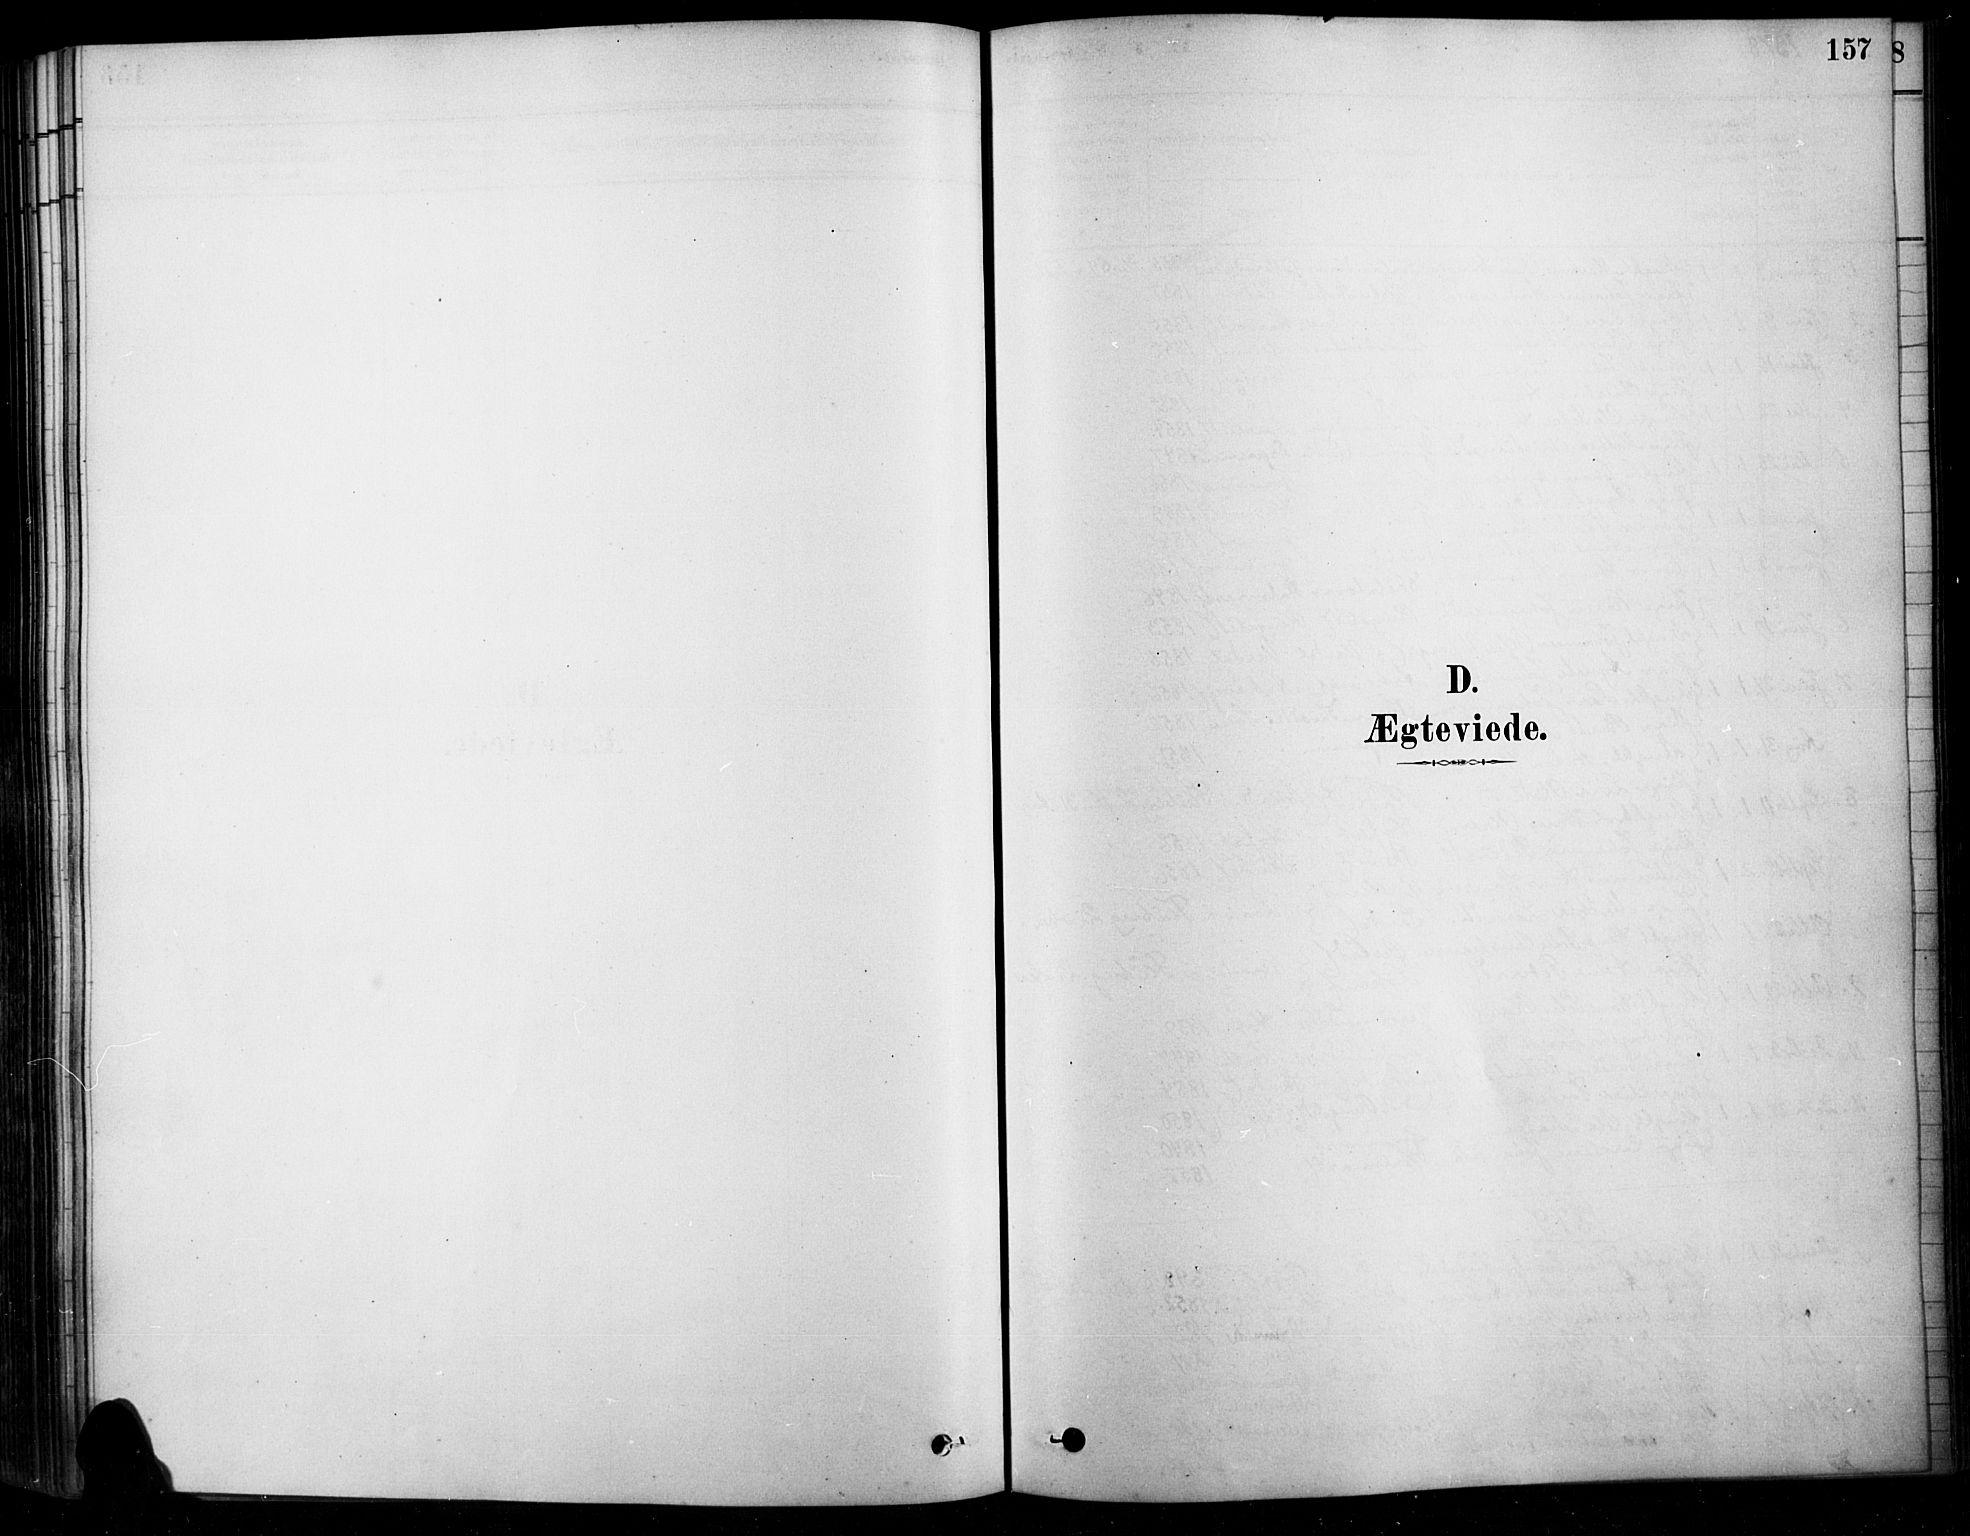 SAH, Søndre Land prestekontor, K/L0003: Ministerialbok nr. 3, 1878-1894, s. 157